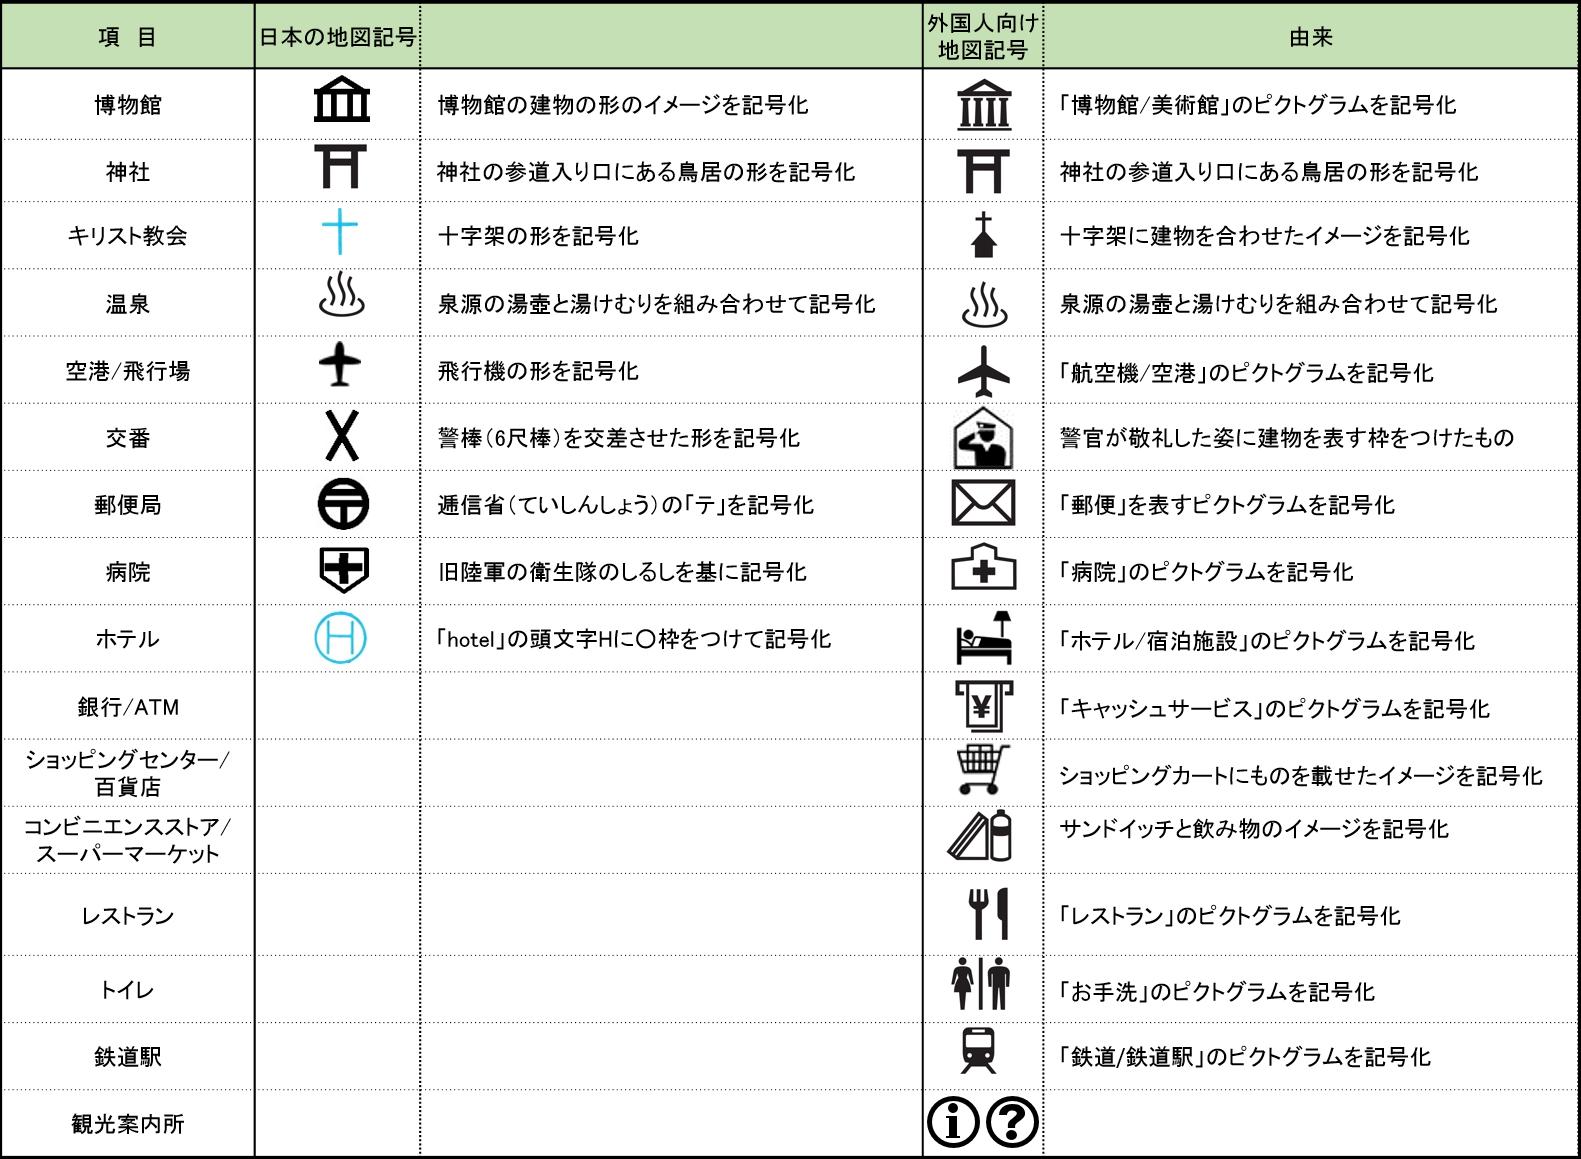 日本の地図記号と外国人向け地図記号の比較した表